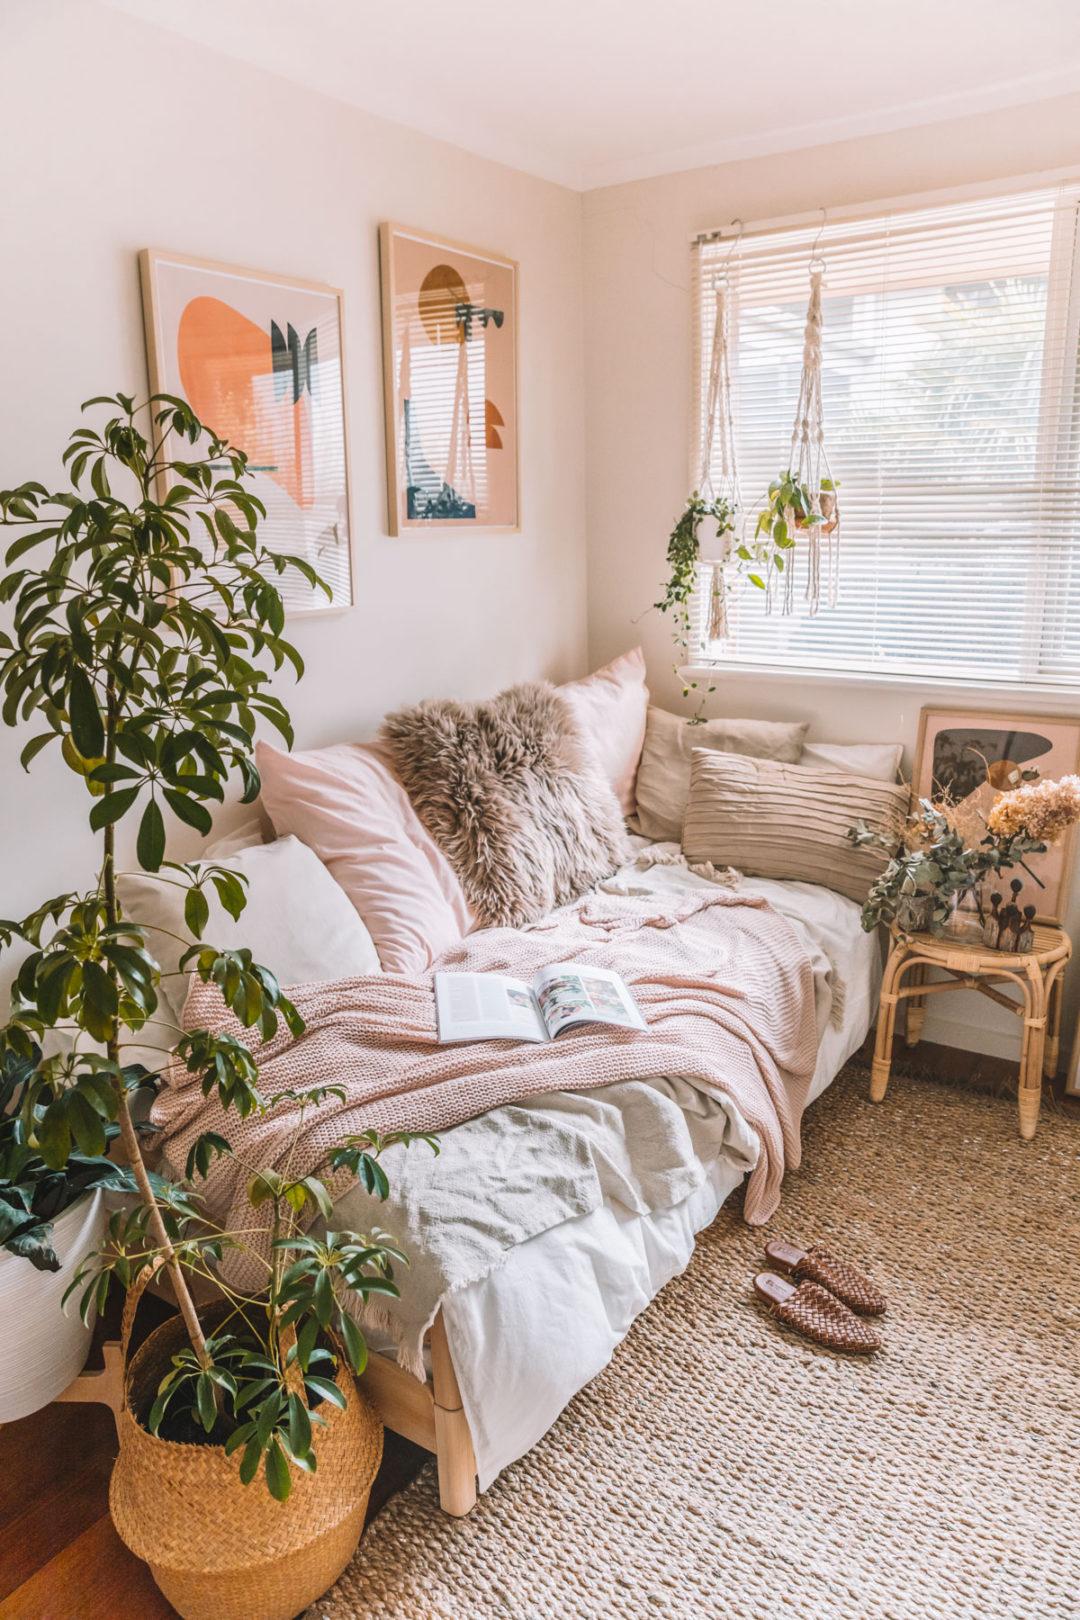 Дизайн интерьера комнат в общежитии фото 6